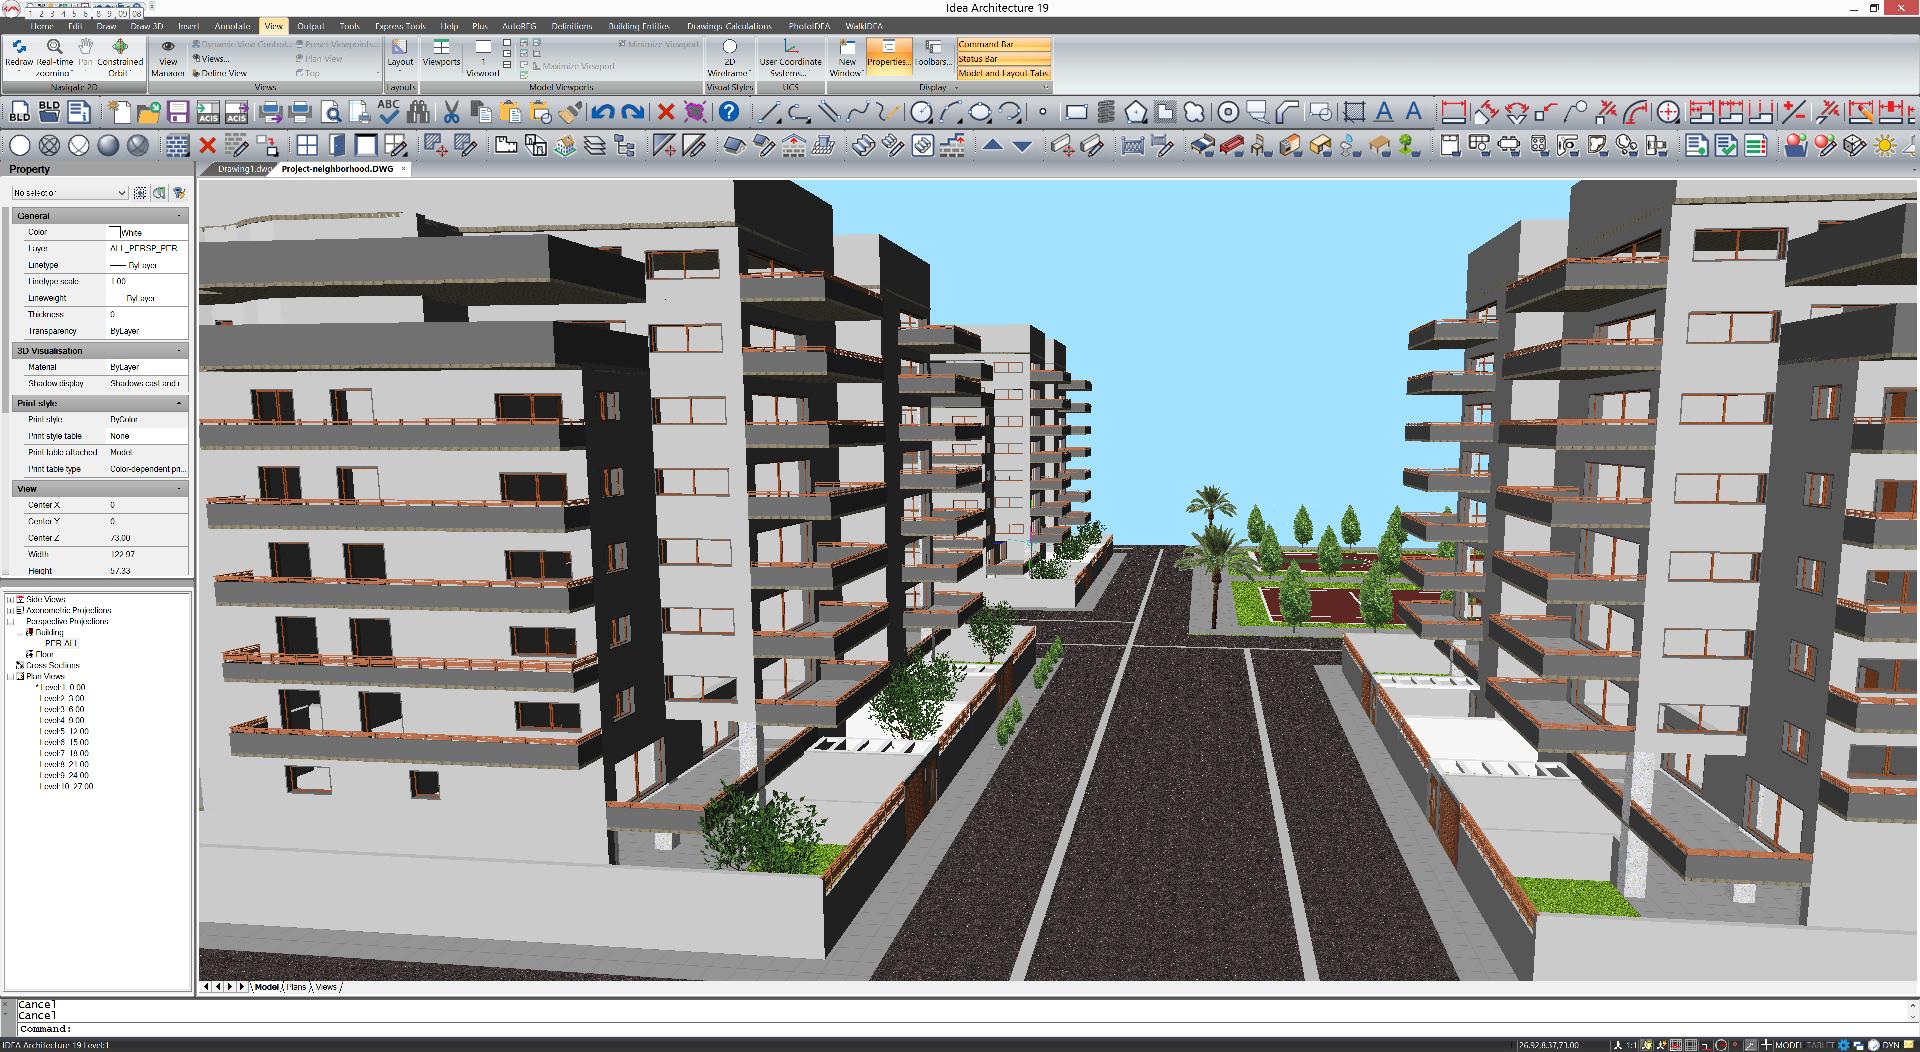 IDEA Architecture model view